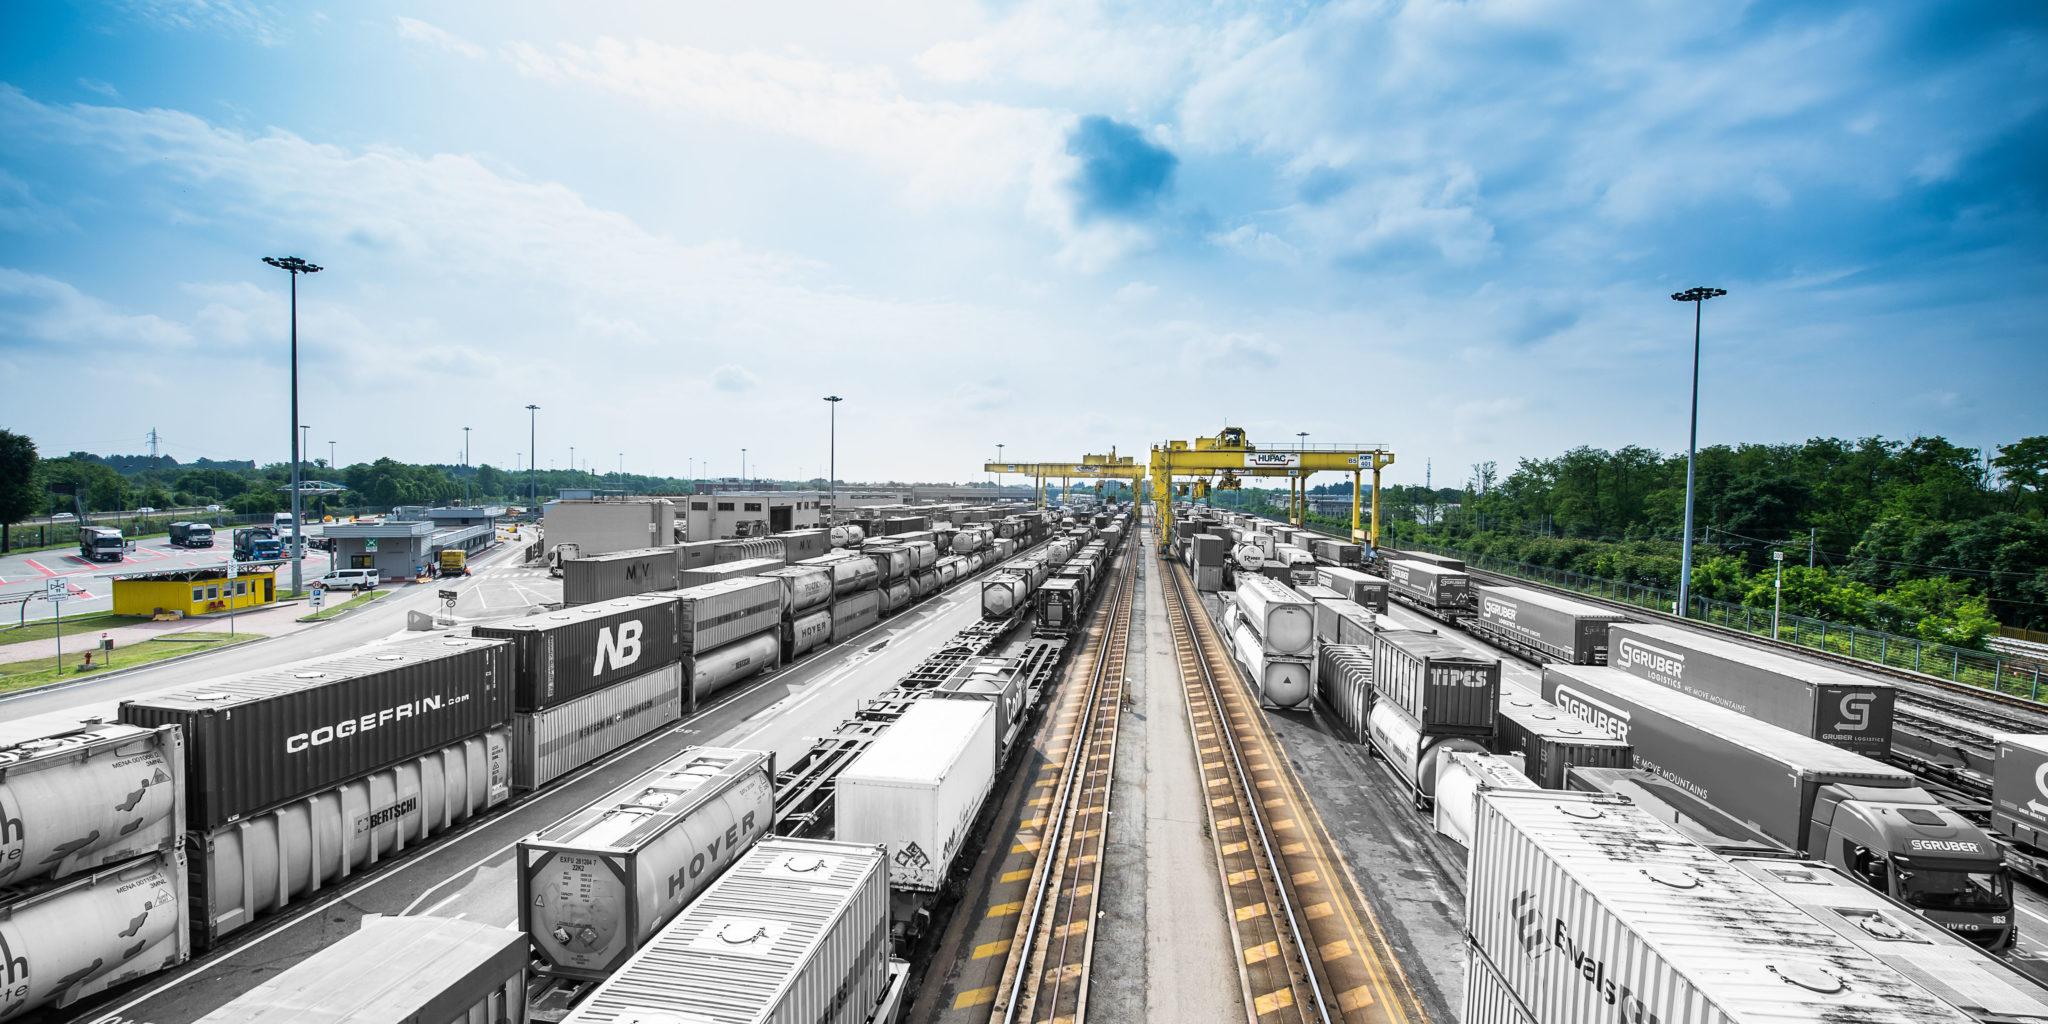 Hupac Logistics Switzerland